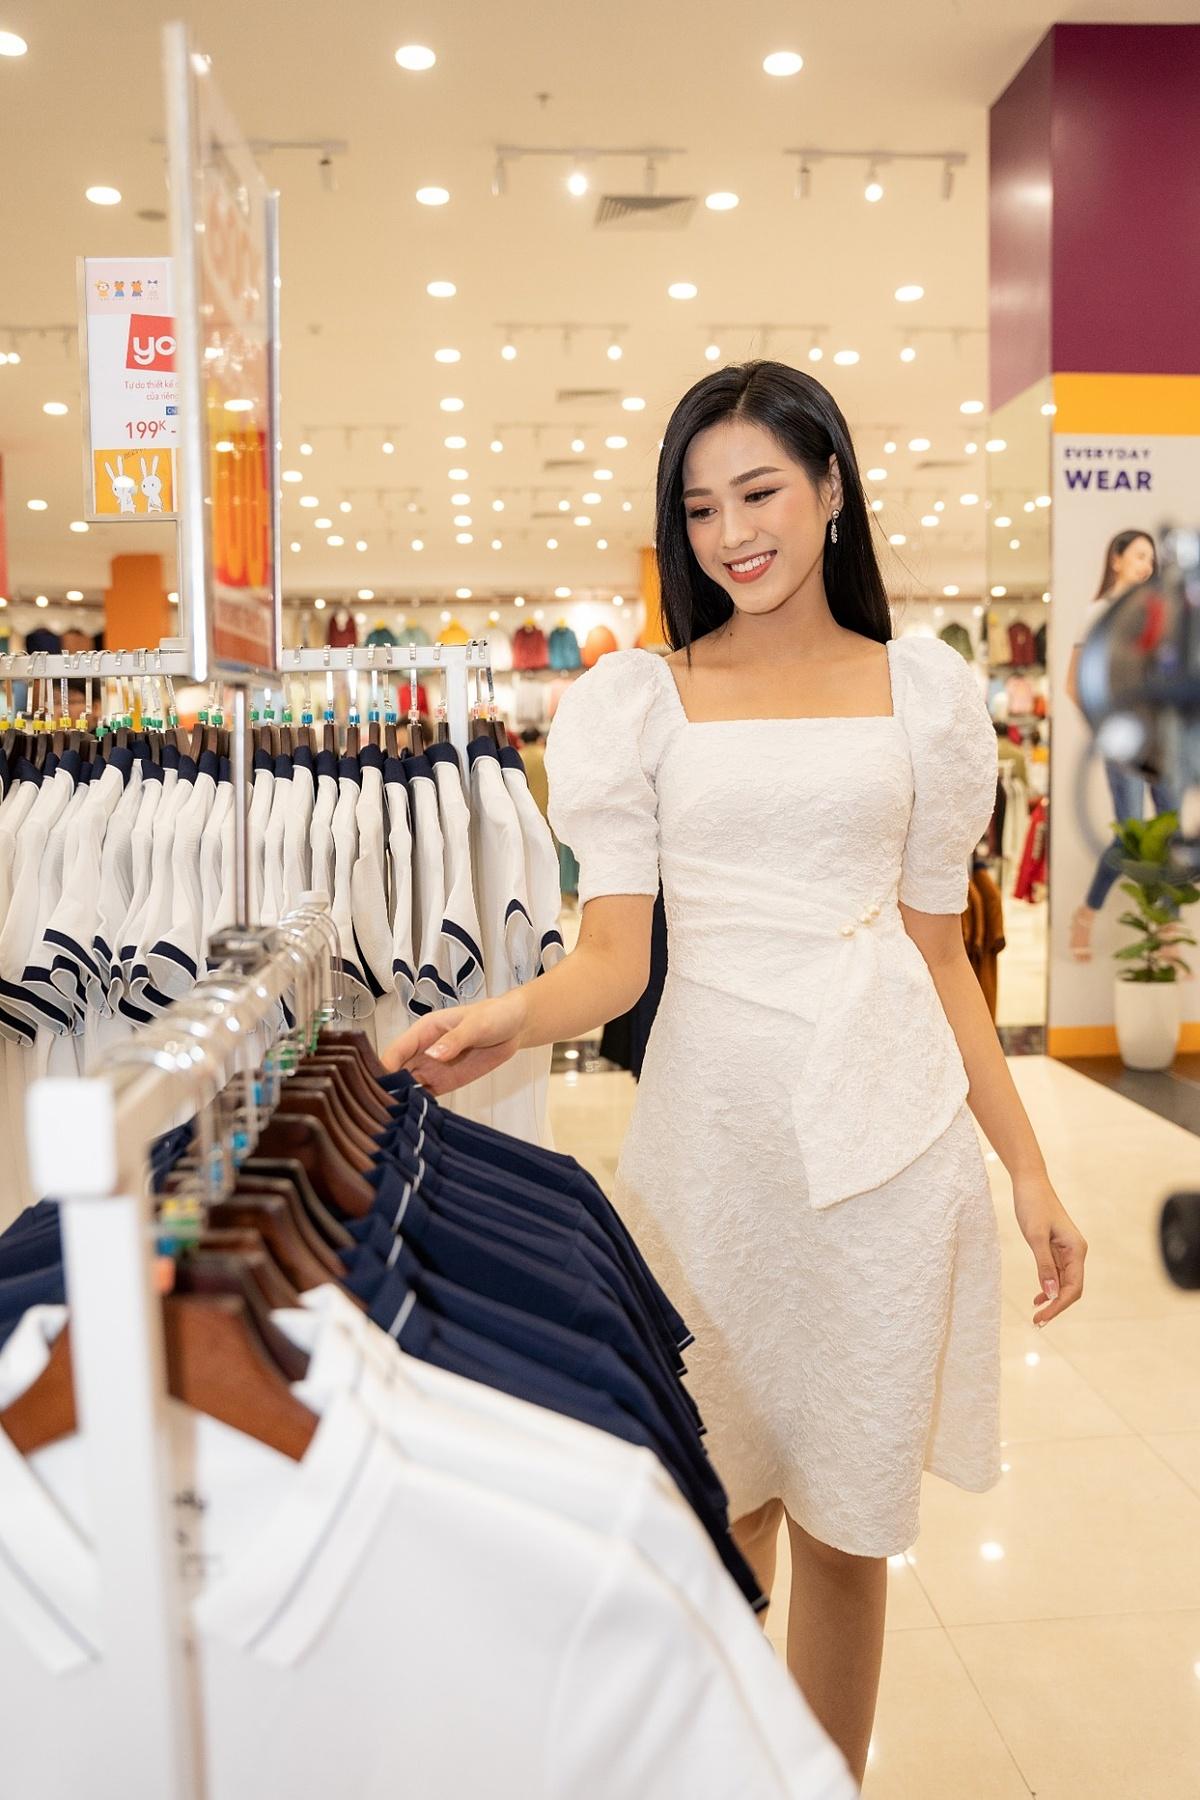 Hoa hậu Đỗ Thị Hà cho biết, cô rất ấn tượng với sự thân thiện, nhiệt tình của nhân viên bán hàng cùng không gian mưa sắm rộng lớn, cách bài trí bài bản, đẹp mắt của từng gian hàng.